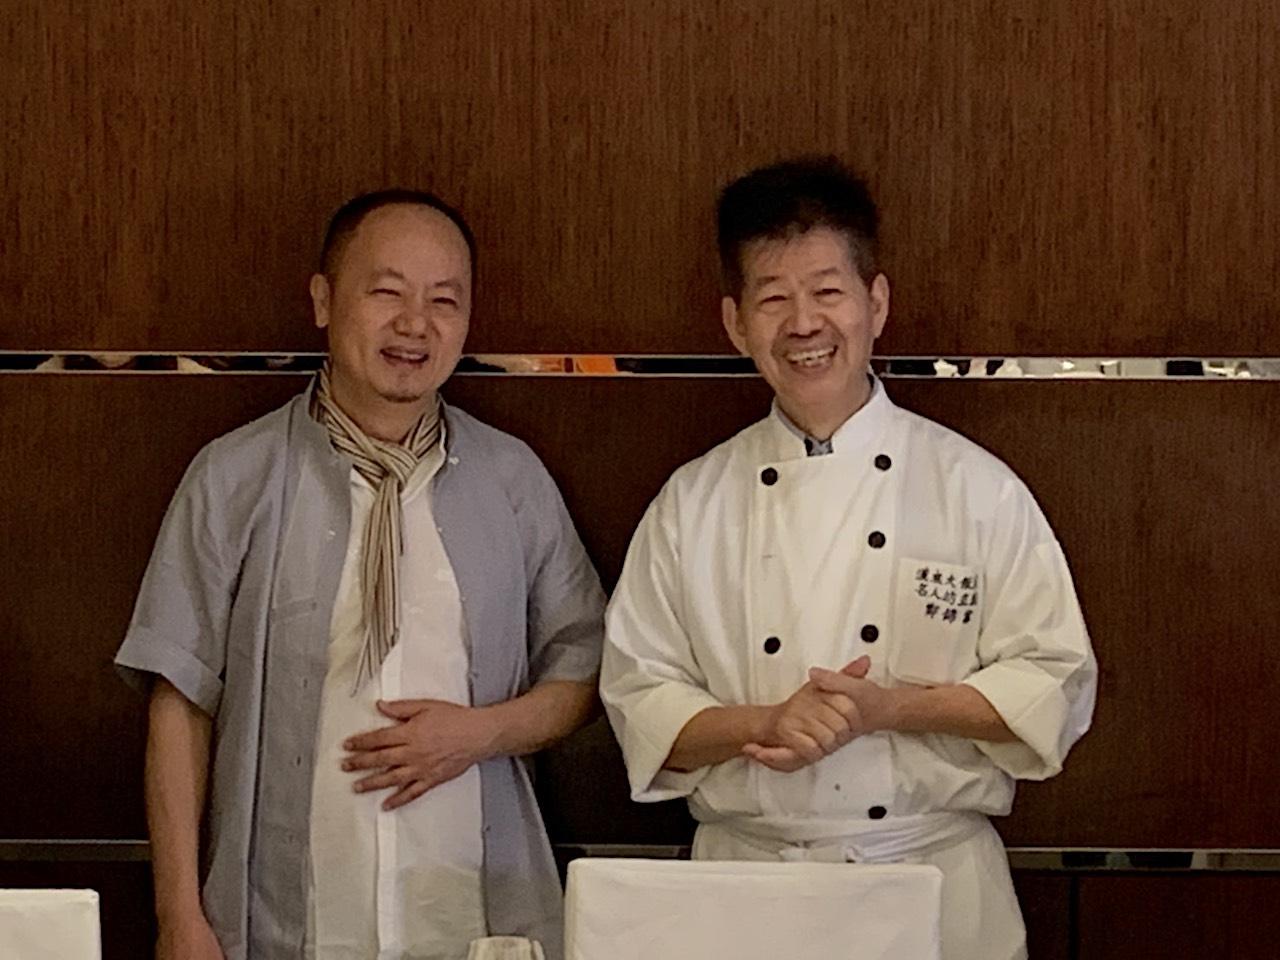 精彩白魚宴再現!藝術家林伯禧邀香港隱世廚神鄭錦富大獻廚藝